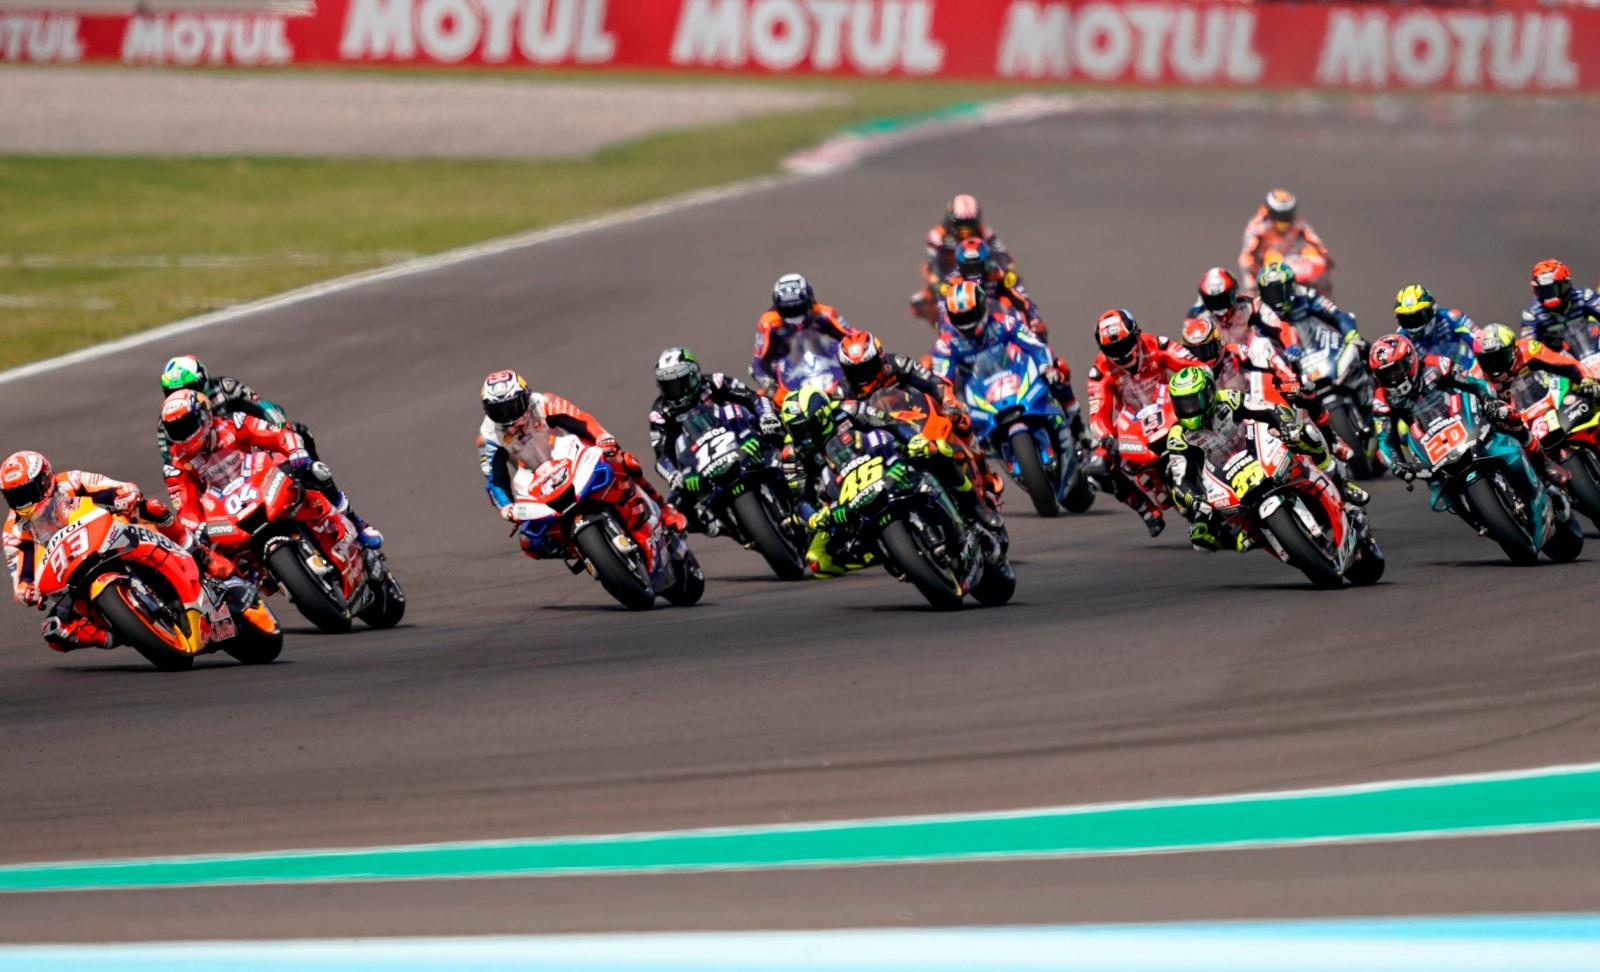 MotoGP 2019 llega a Jerez con cuatro dudas y dos urgencias